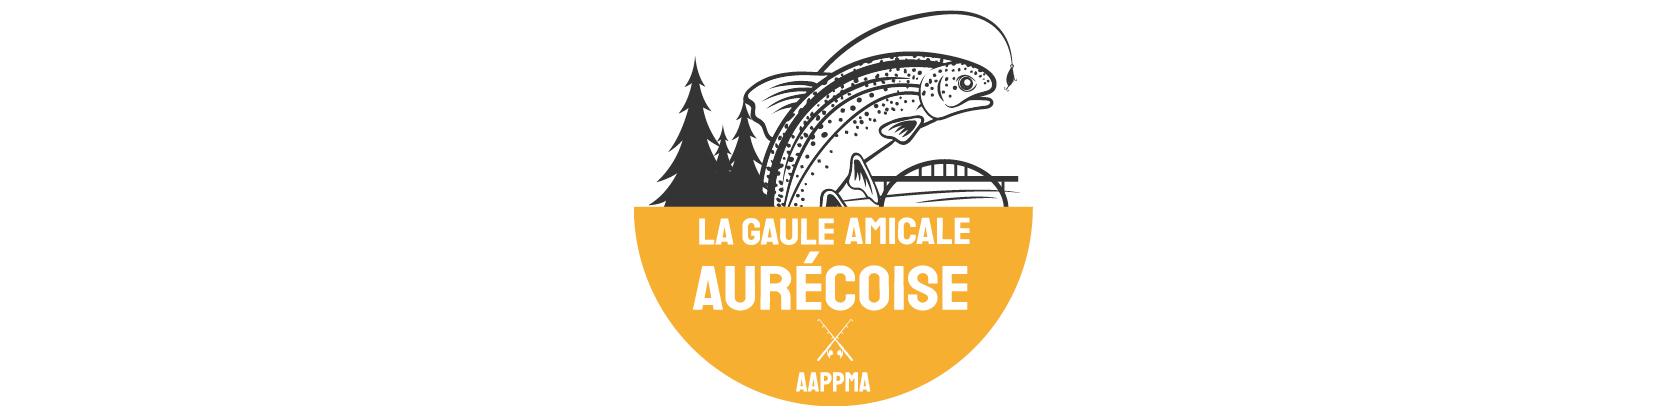 Logo La Gaule Amicale Aurécoise - Agence de communication Loire Haute-Loire - Le Puy-en-Velay